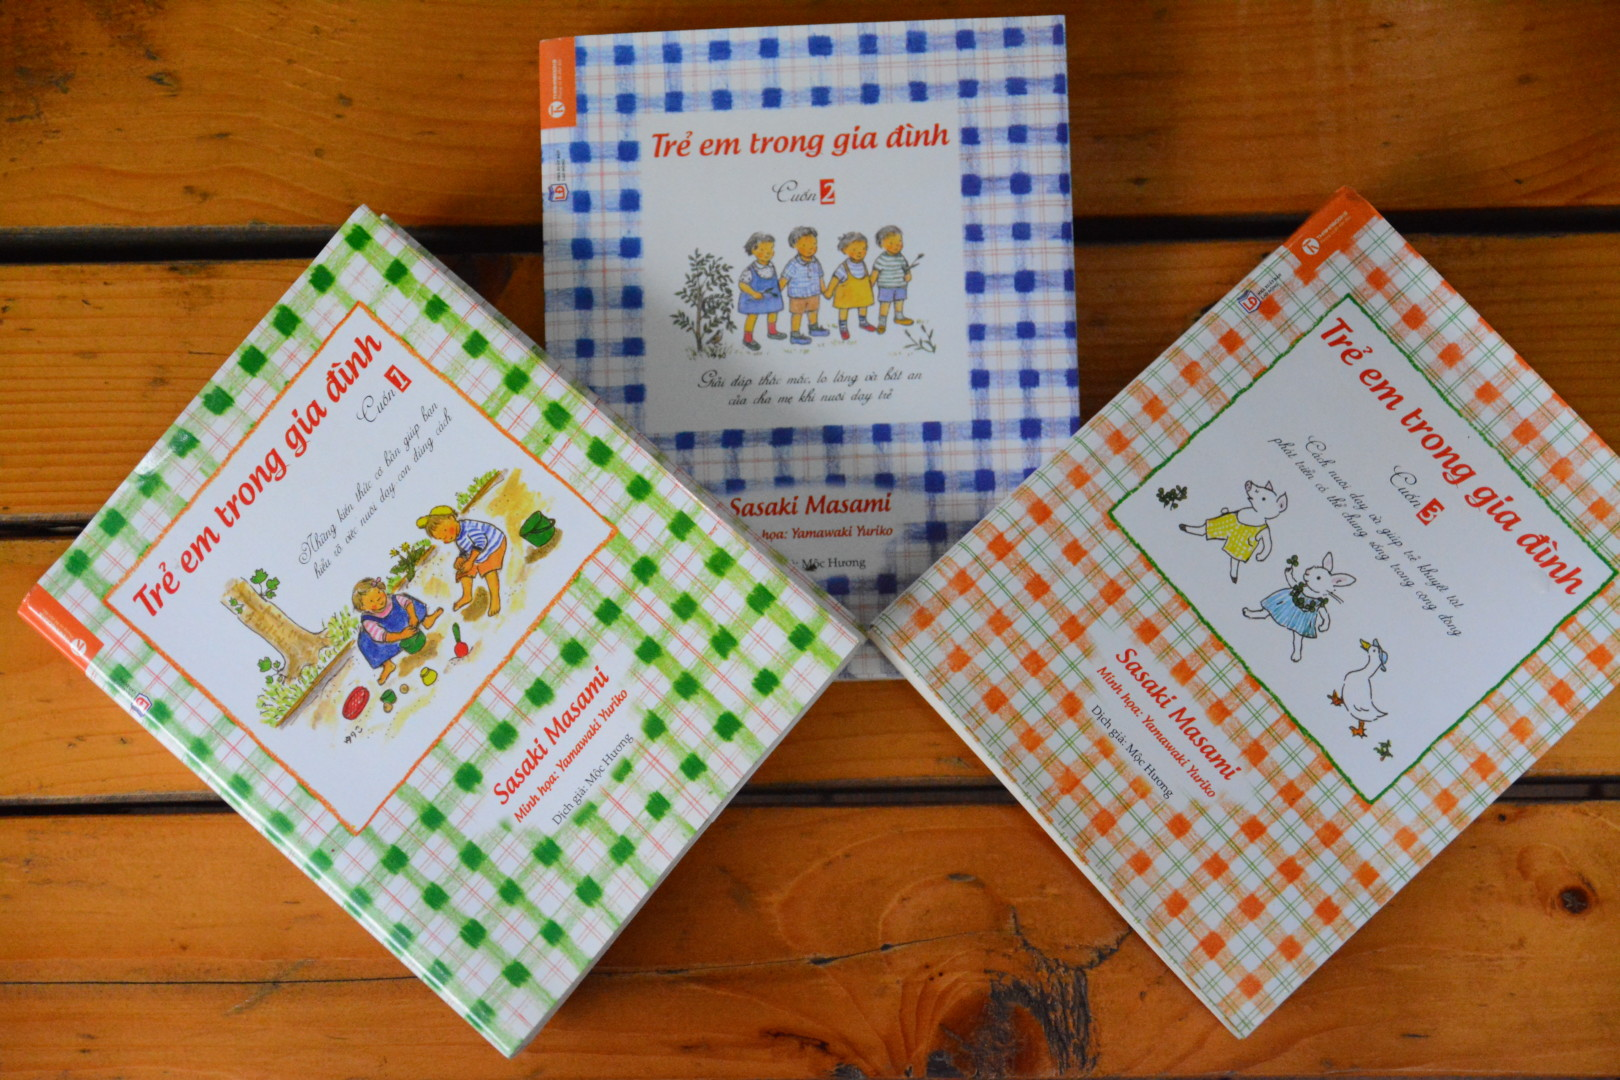 """""""Trẻ em trong gia đình"""" – Bộ sách giúp bố mẹ nuôi dưỡng nhân cách cho con"""